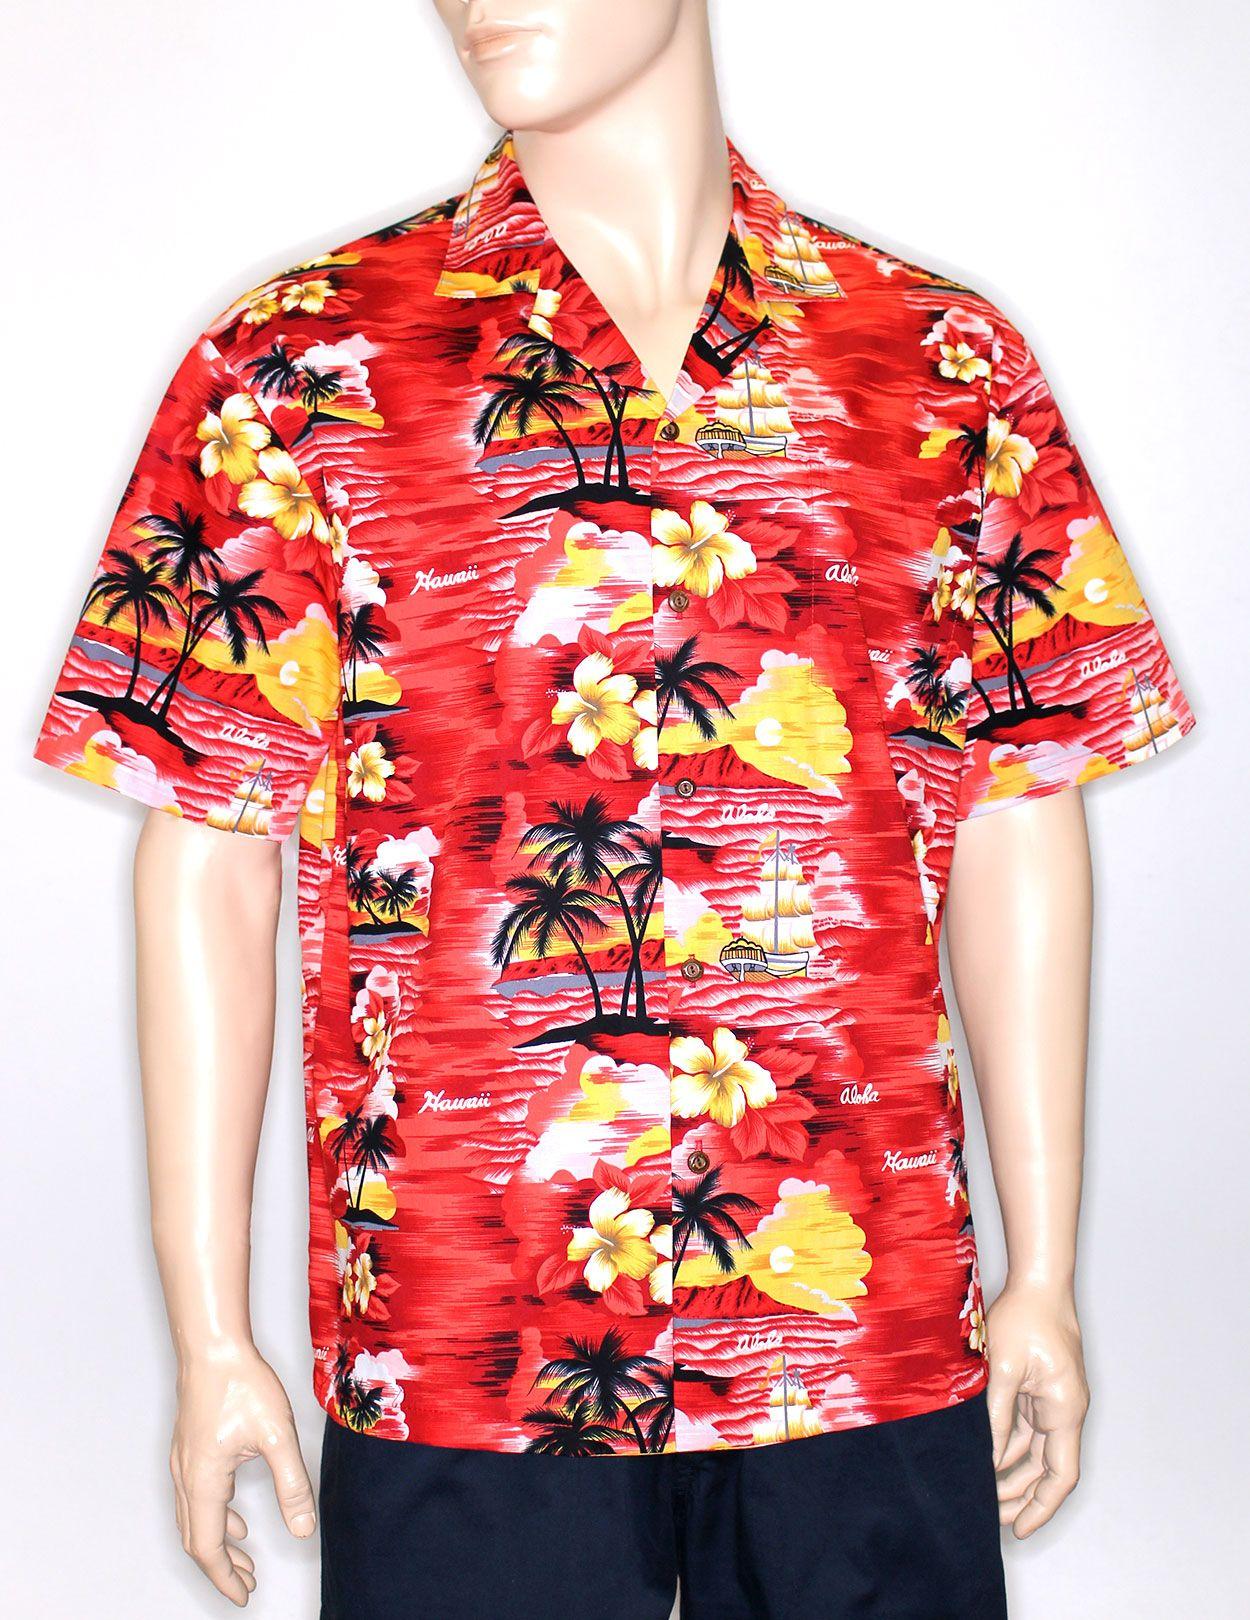 5a315b0308a FREE Shipping from Hawaii - Waikiki Sunset Aloha Shirt: Shaka Time ...